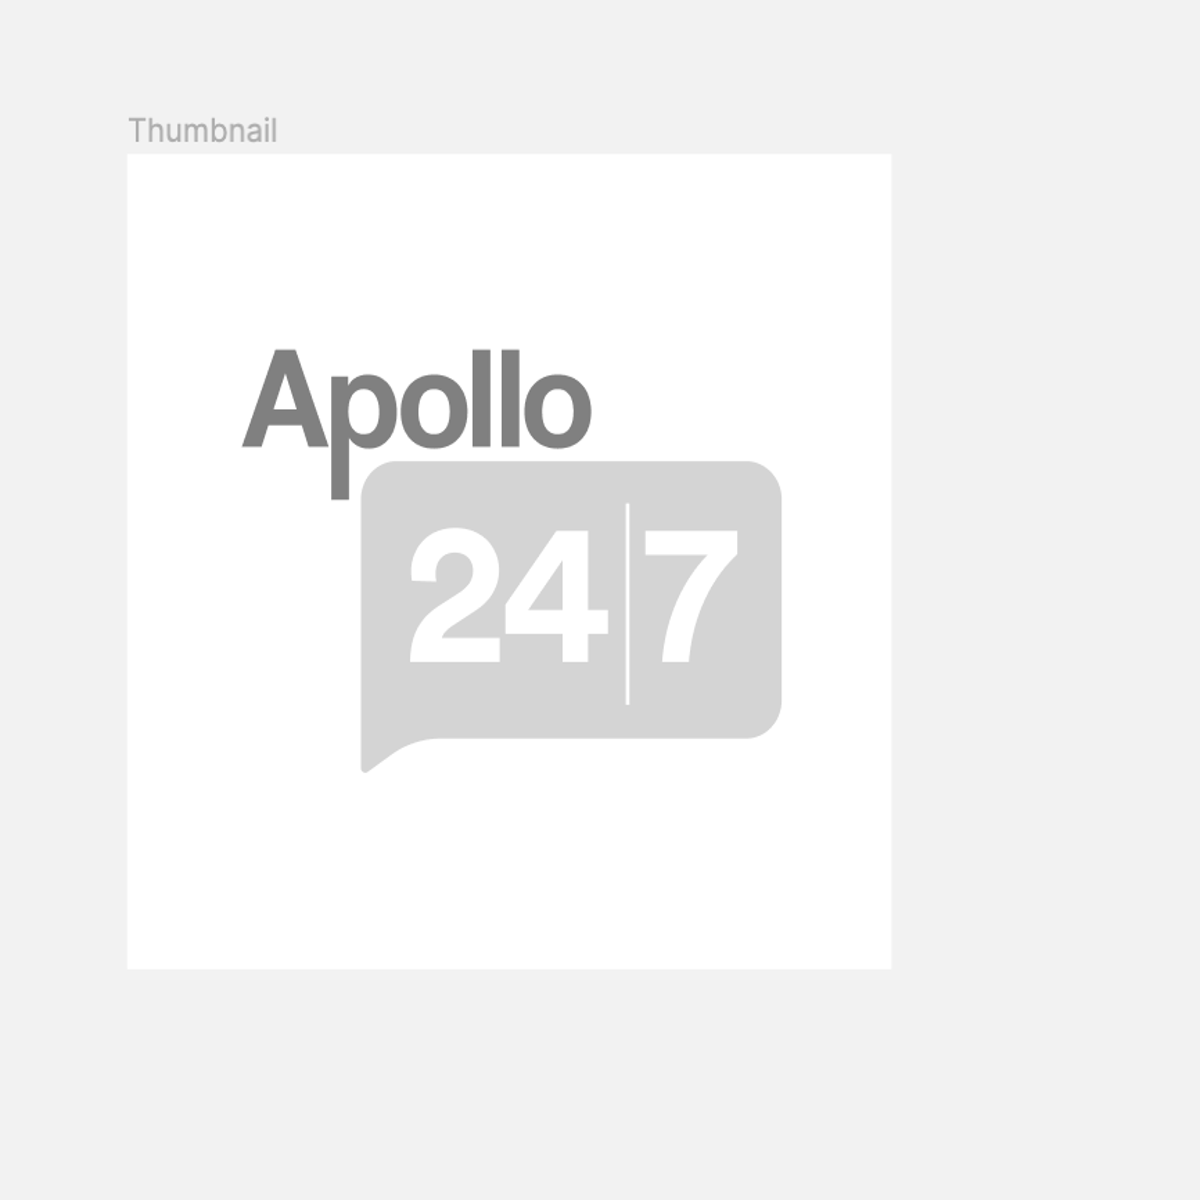 Dettol Antiseptic Liquid, 210 ml